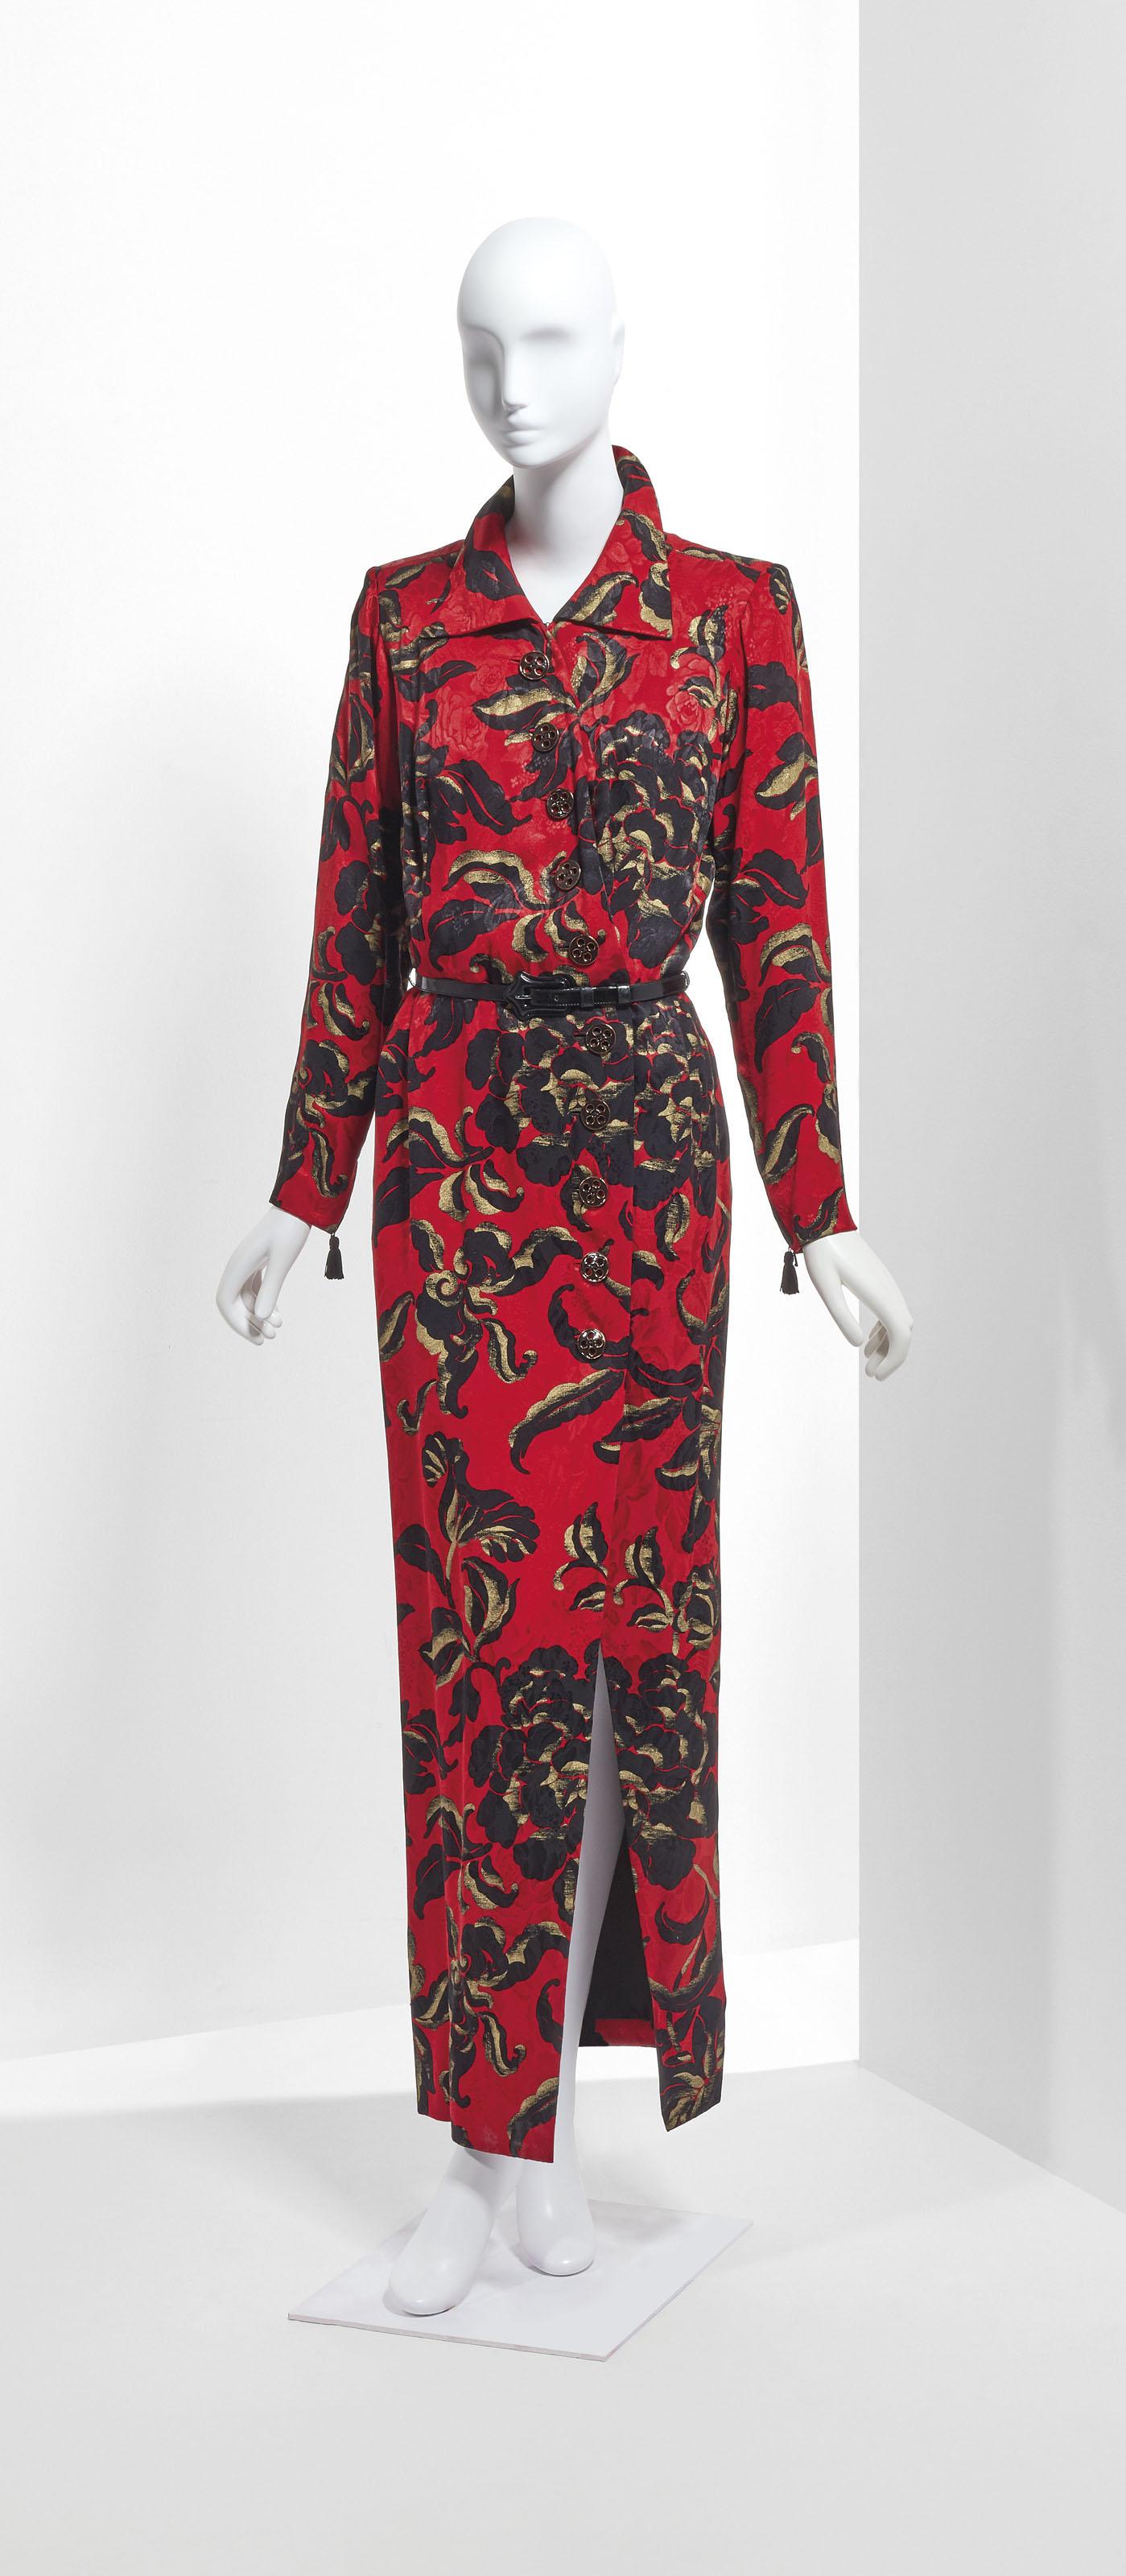 Yves Saint Laurent Haute Couture Automne Hiver 1994 1995 Robe De Soir Long De Crepe Imprime Chinois Feu Or Et Noir 20th Century Textiles Costume Christie S